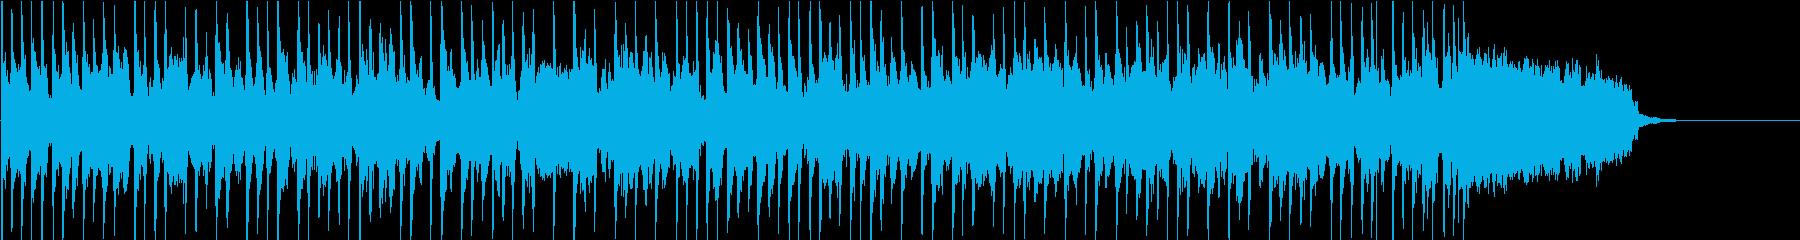 レトロ感の切ないピアノとヴィブラフォンの再生済みの波形